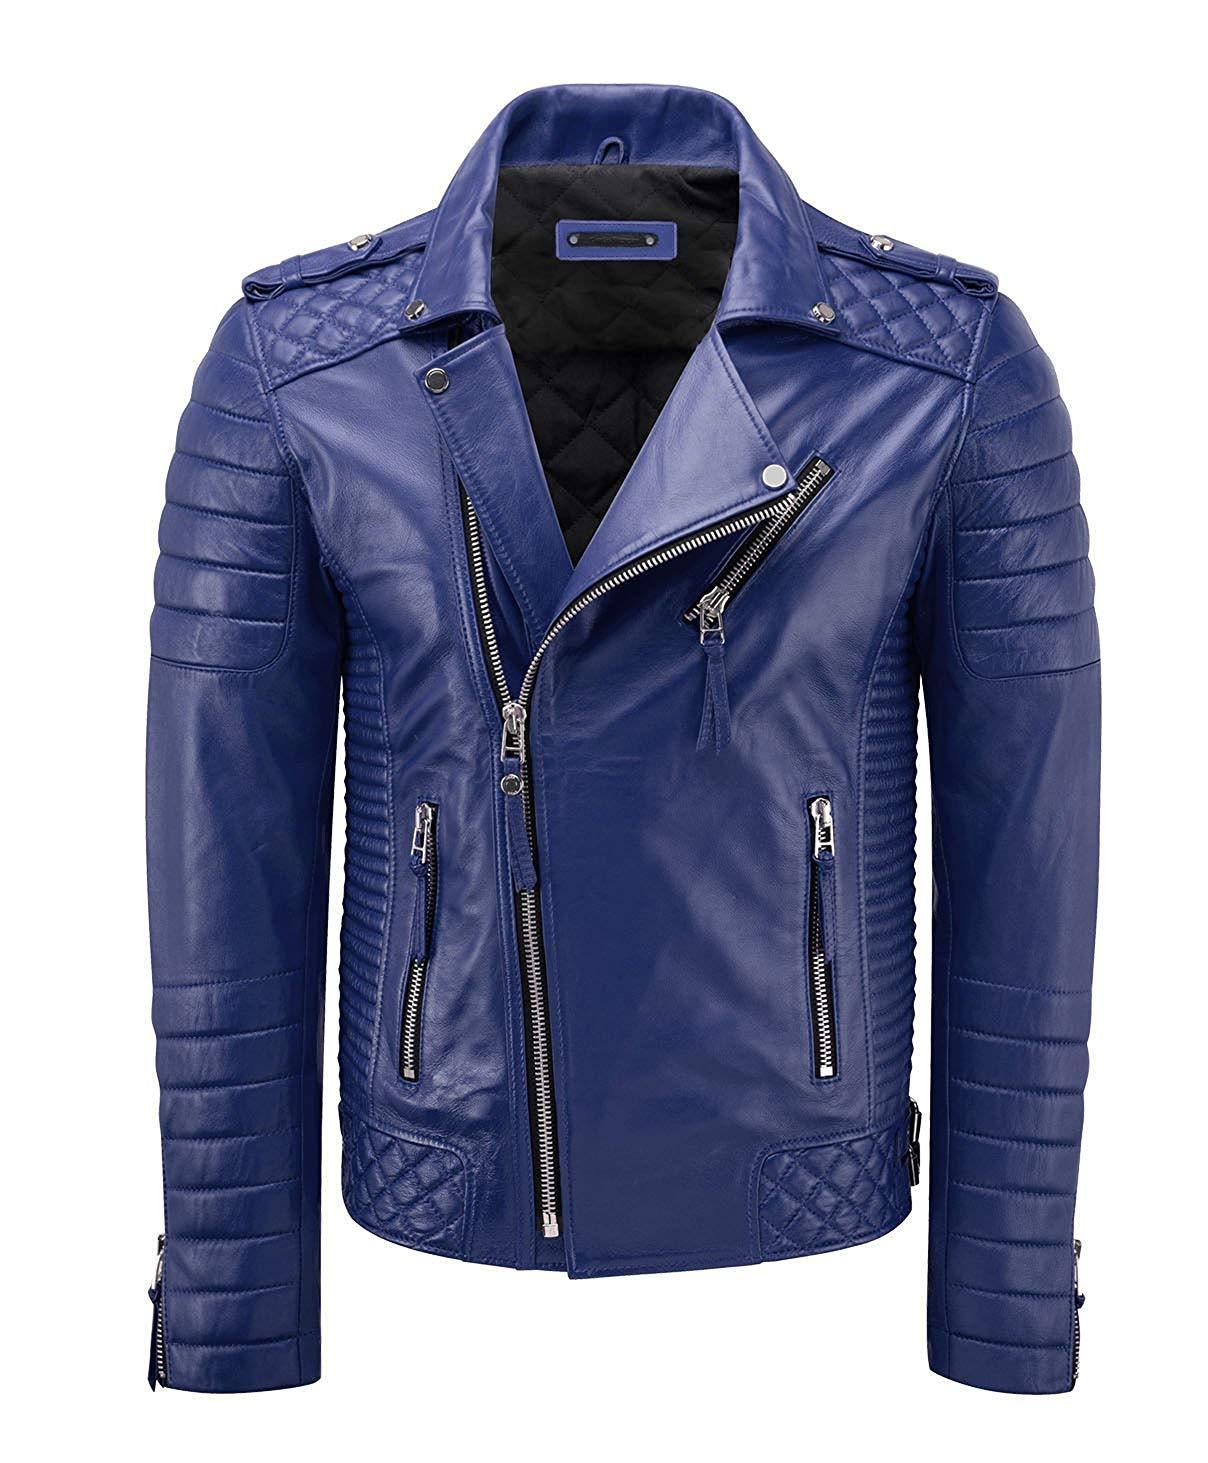 2ed6ac5b0 Cheap Womens Blue Down Jacket